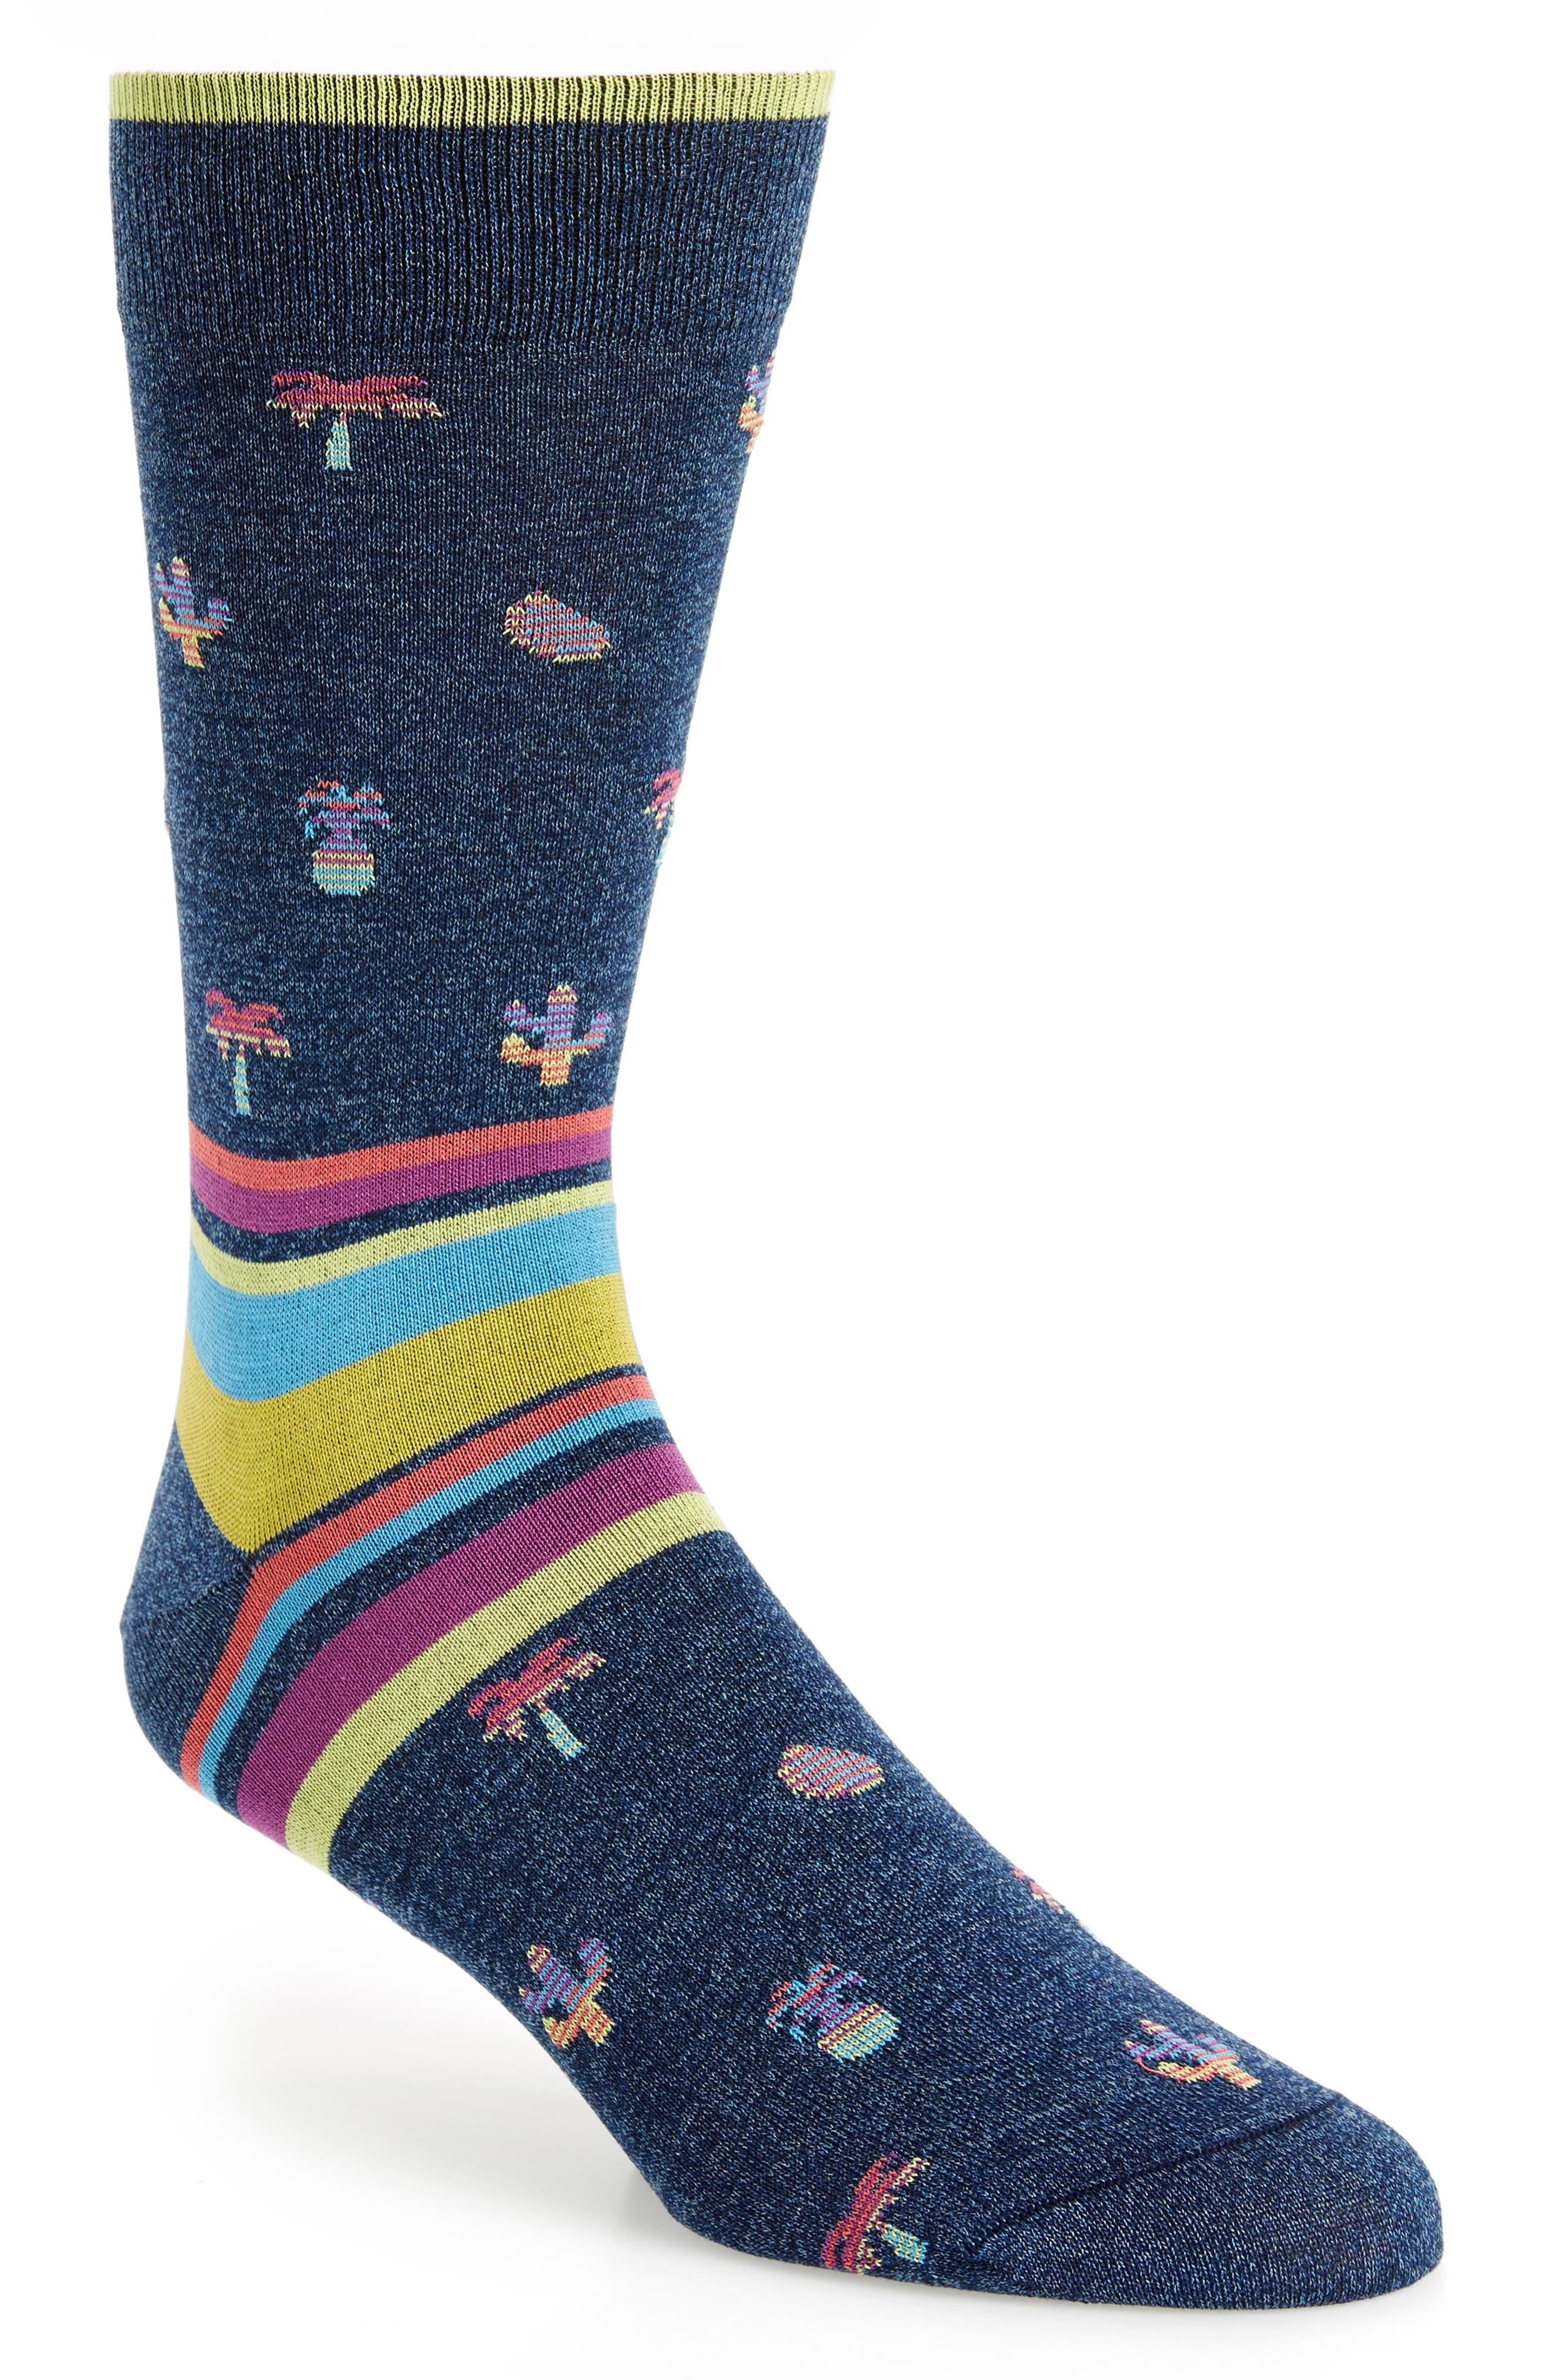 Mercerized Cotton Blend Socks,                             Main thumbnail 2, color,